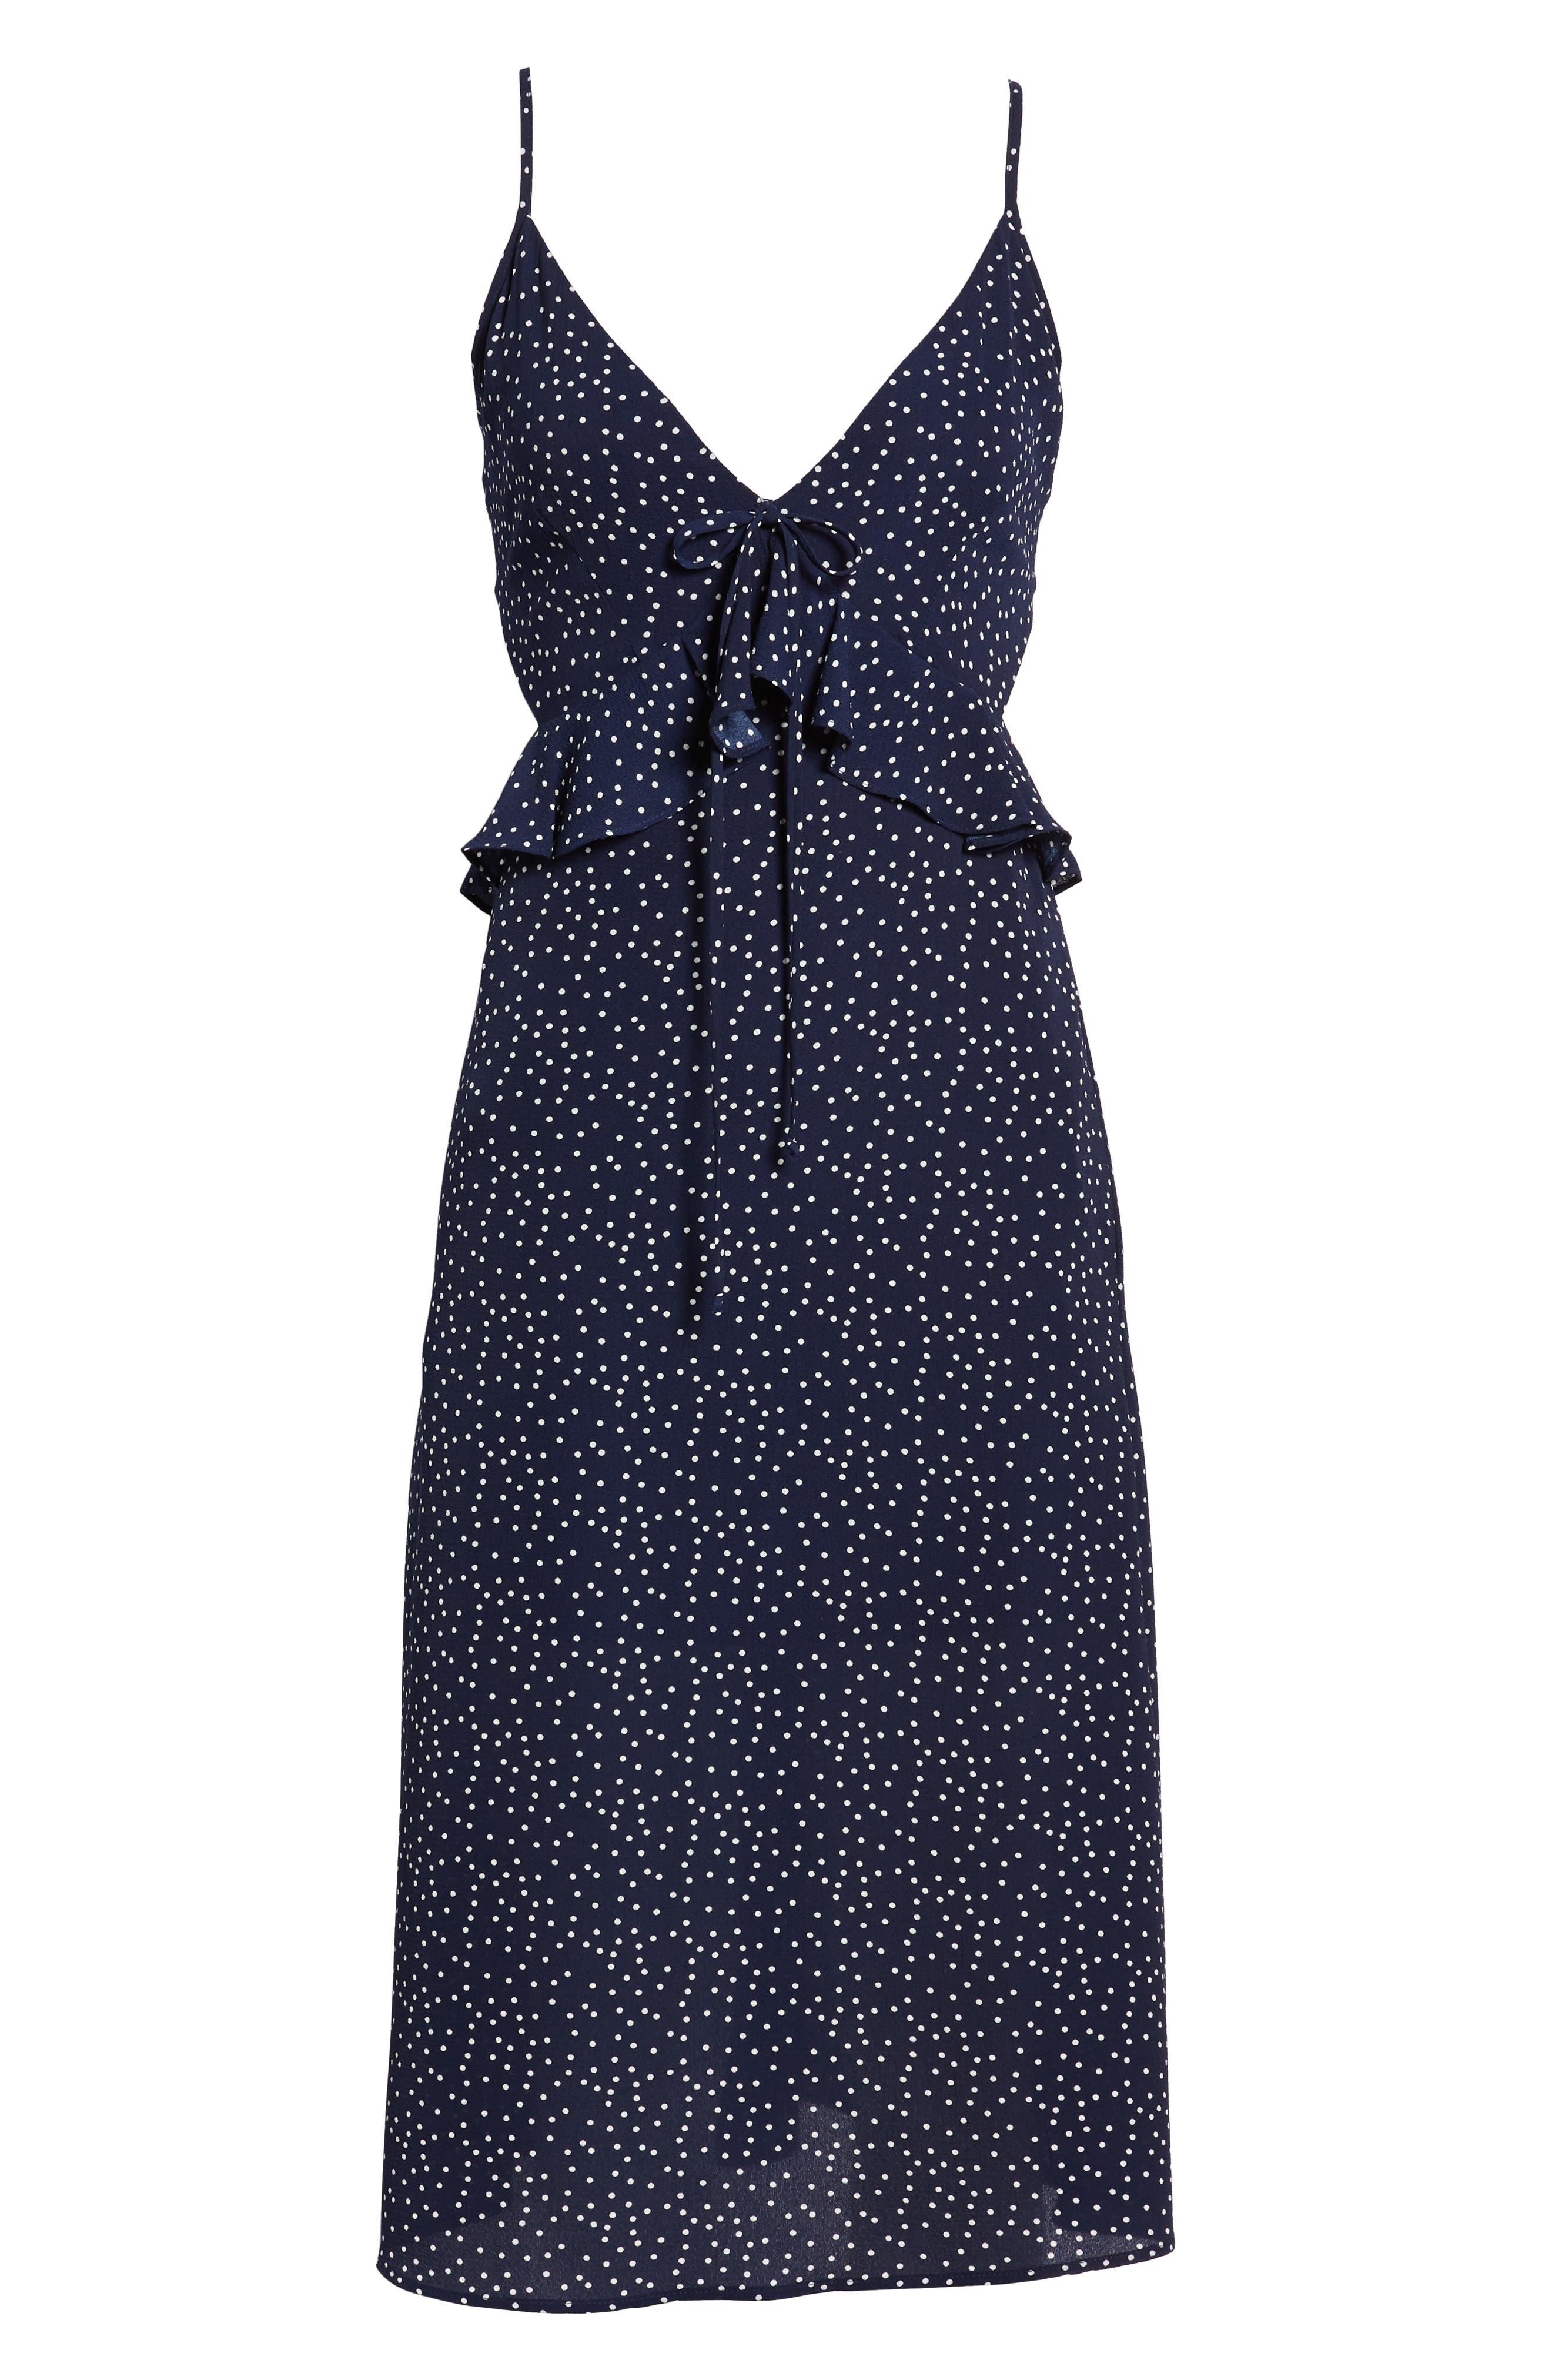 Ruffle Tie Back Midi Dress,                             Alternate thumbnail 7, color,                             405